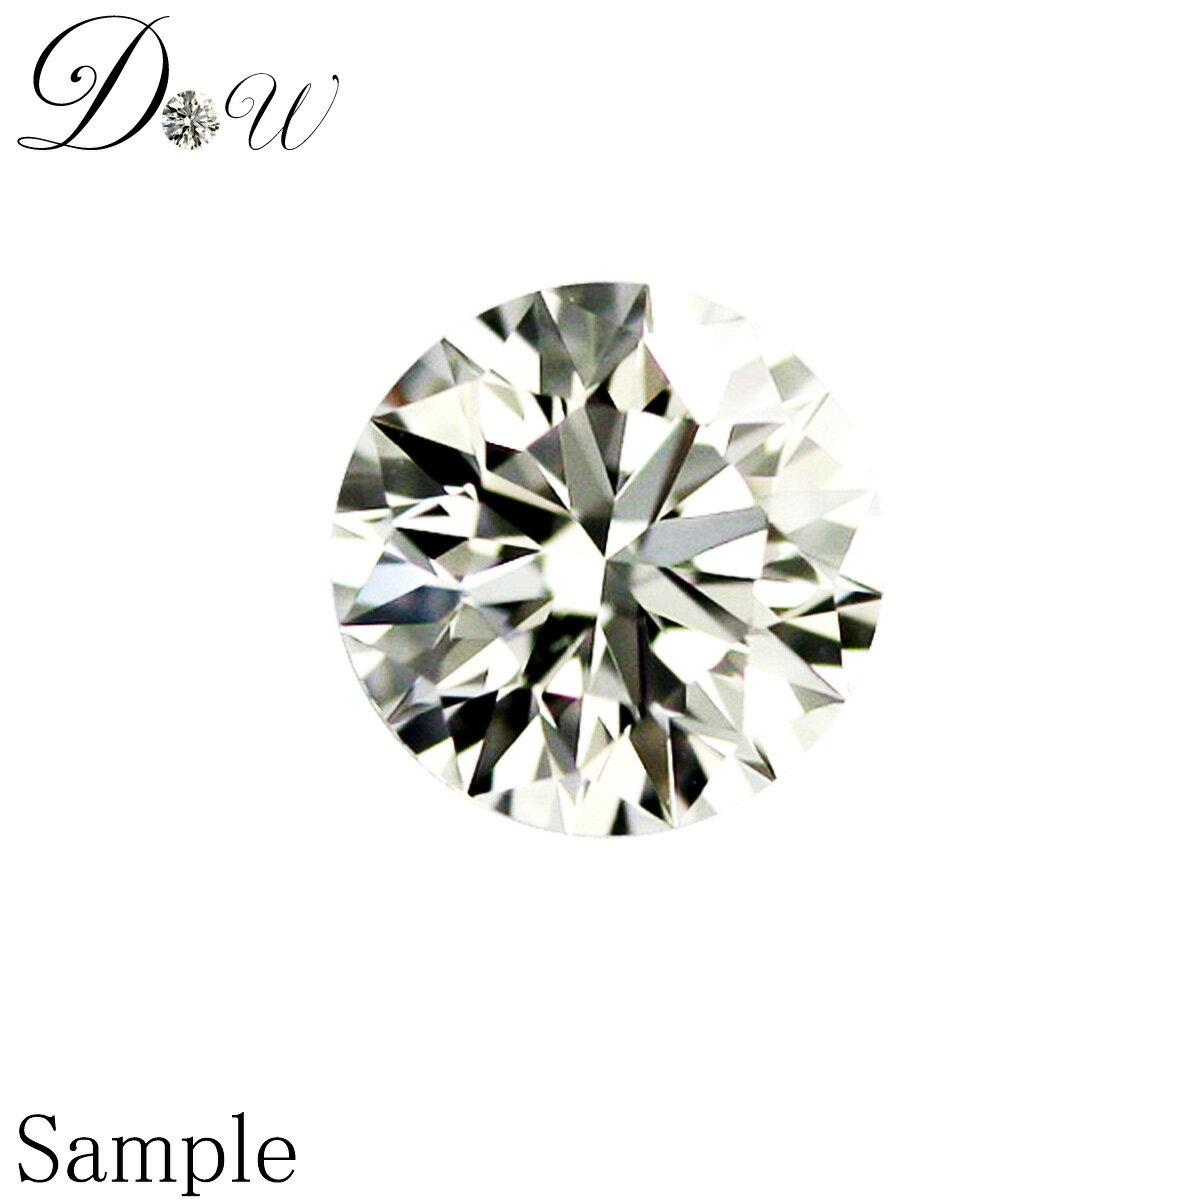 中央宝石研究所鑑定書付き ダイヤモンドルース1.00ct D-VVS2-Excellent ハート&キューピッド